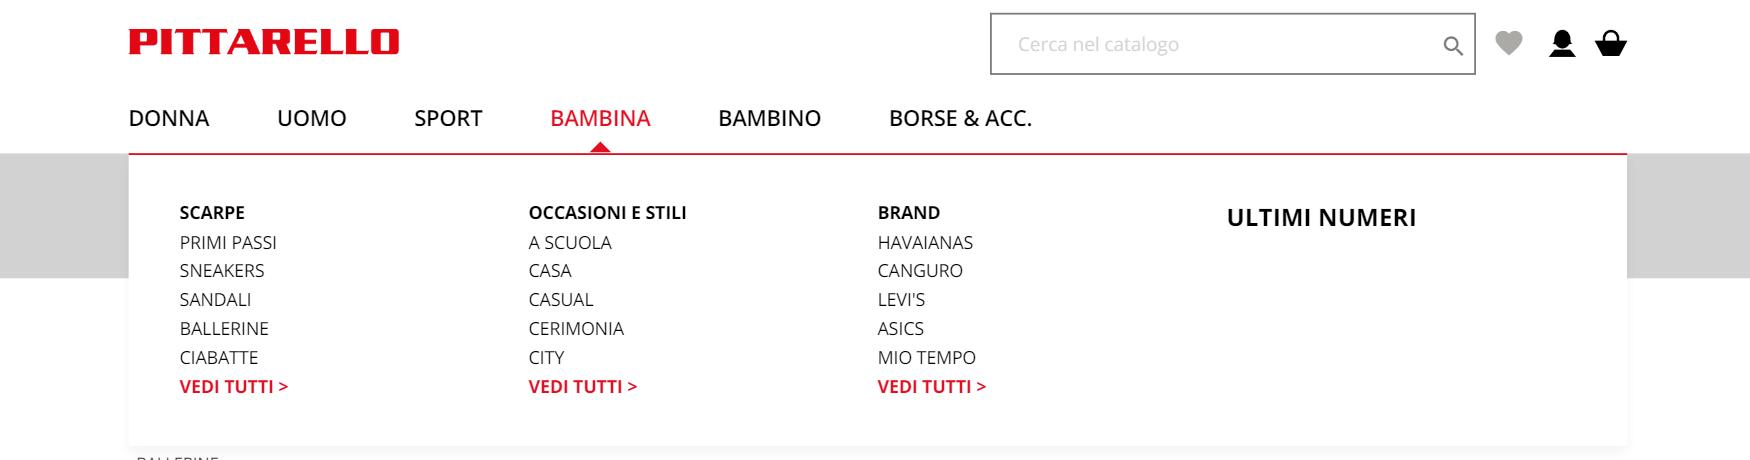 Esempio di menù con link a brand